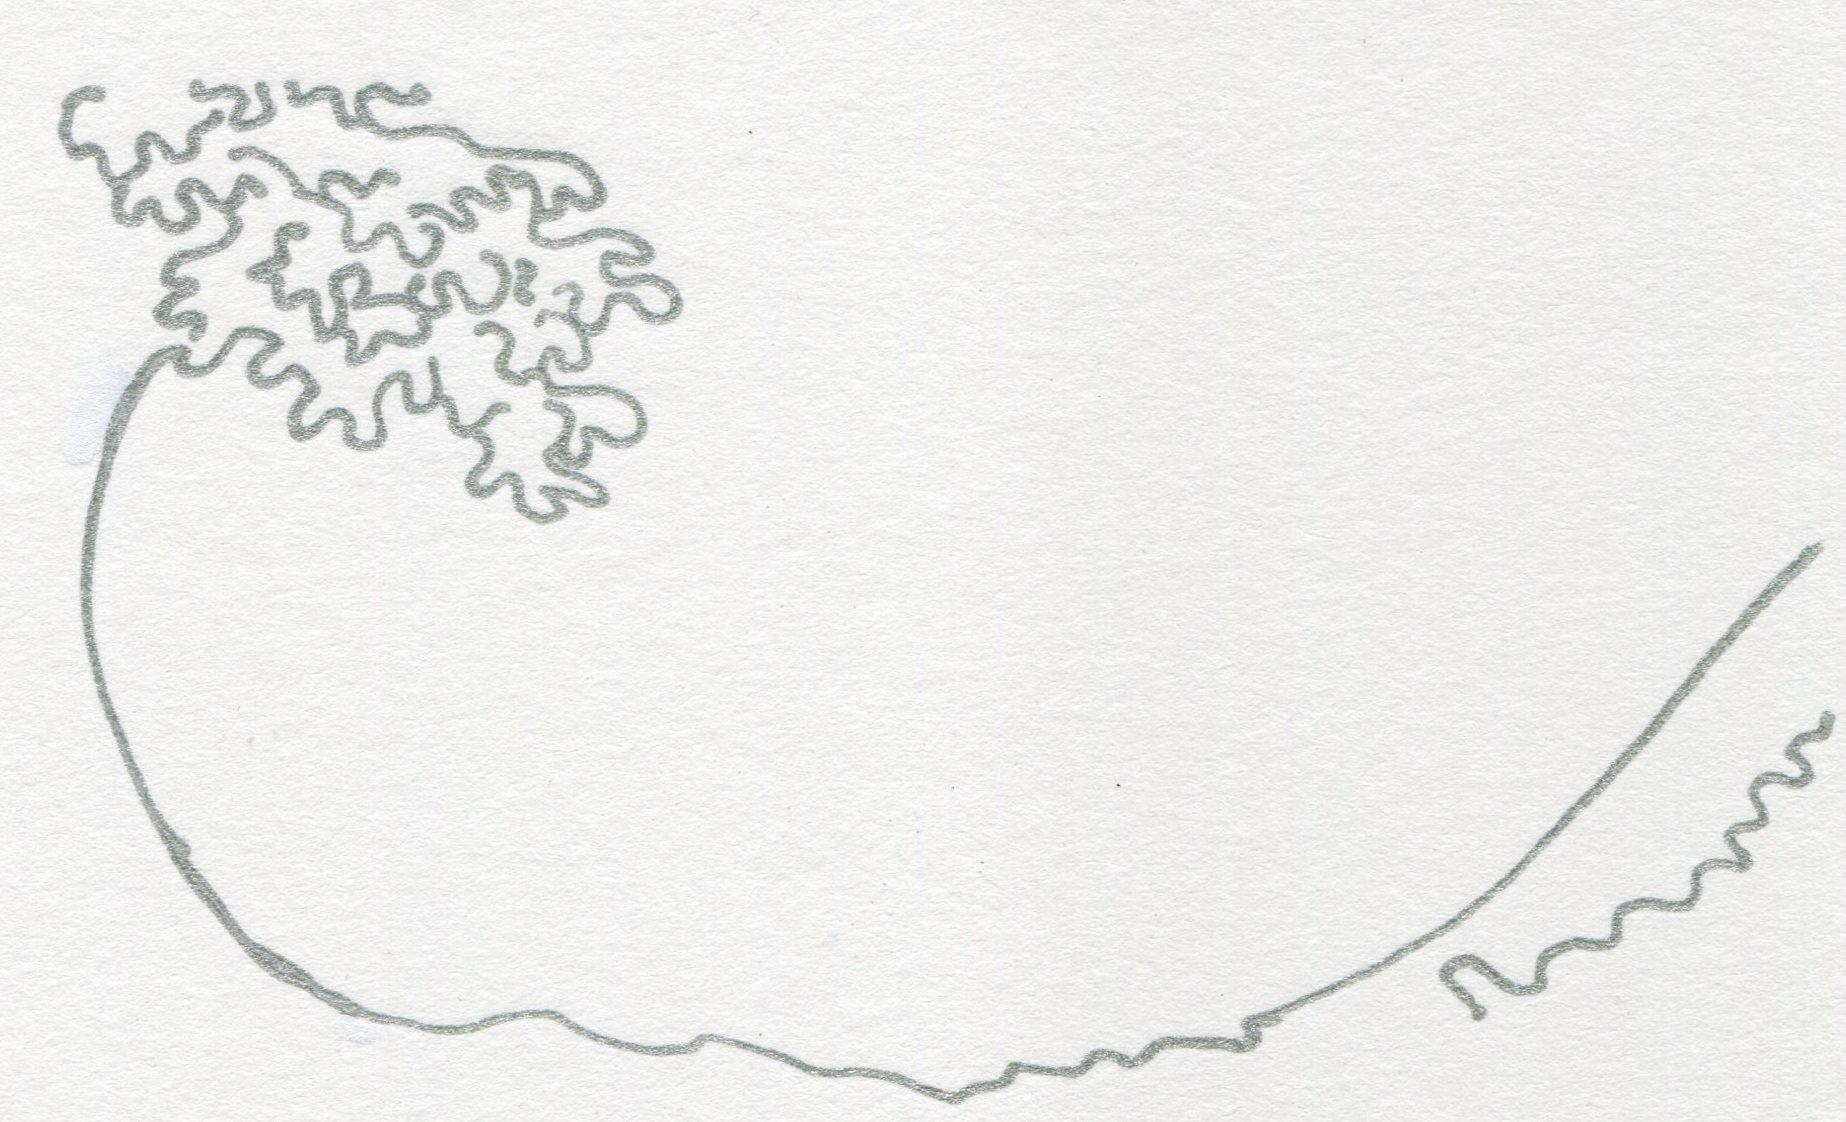 Wave & Drop illustration #4.jpg